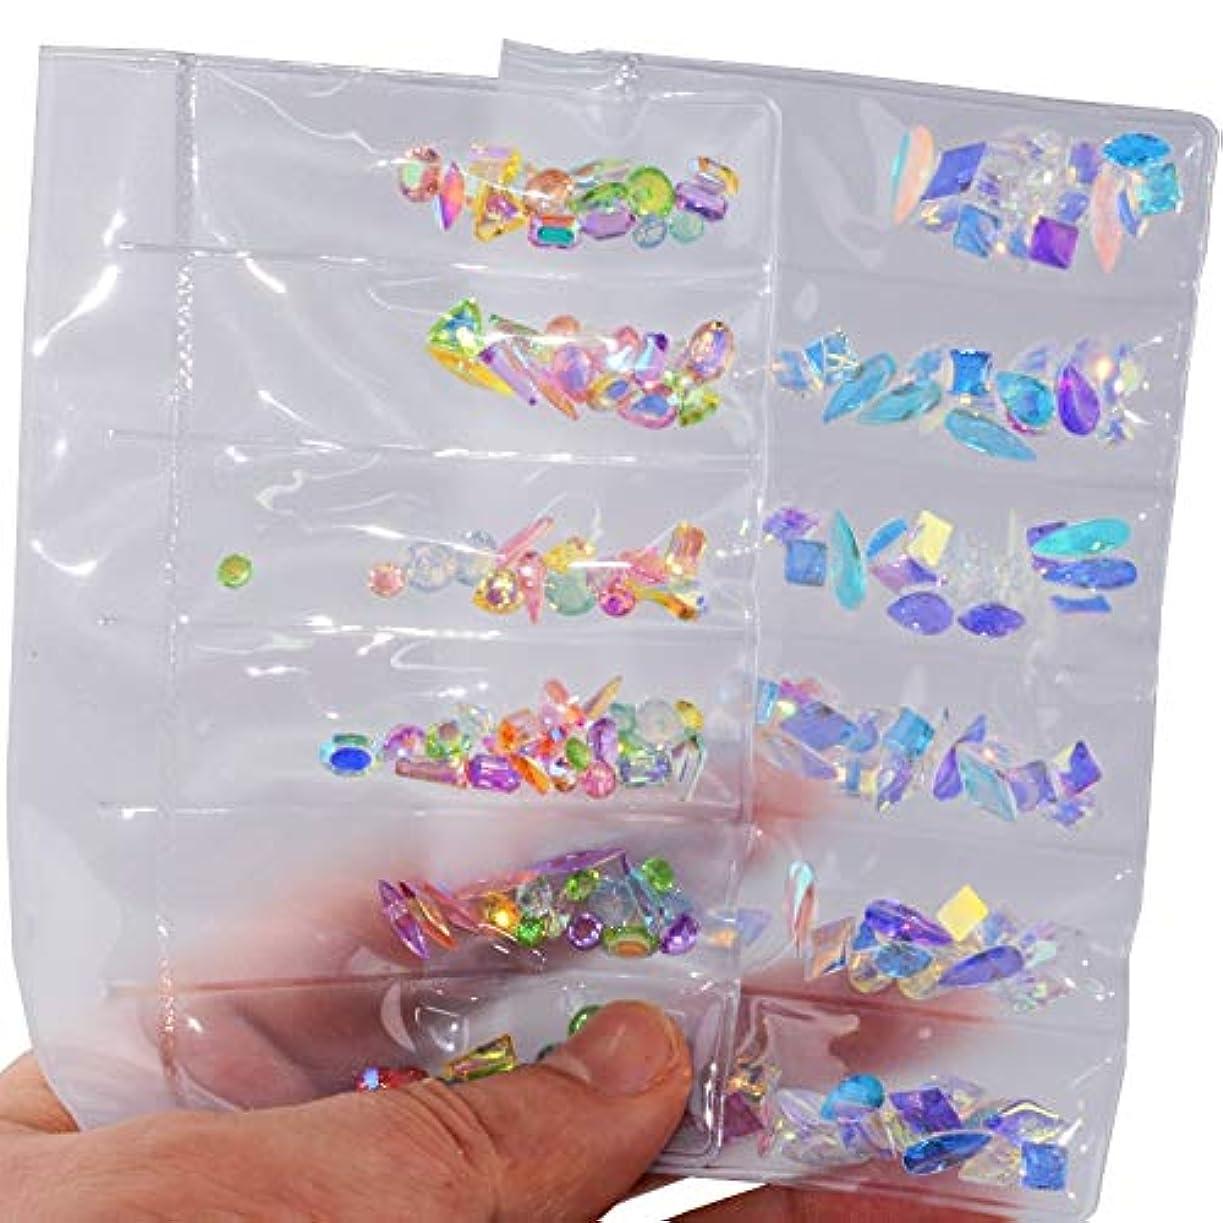 起こる形容詞デッド2パックセットネイルアートラインストーンネイルアートデコレーションフラットバックガラスダイヤモンドティアドロップ馬の目の水晶石